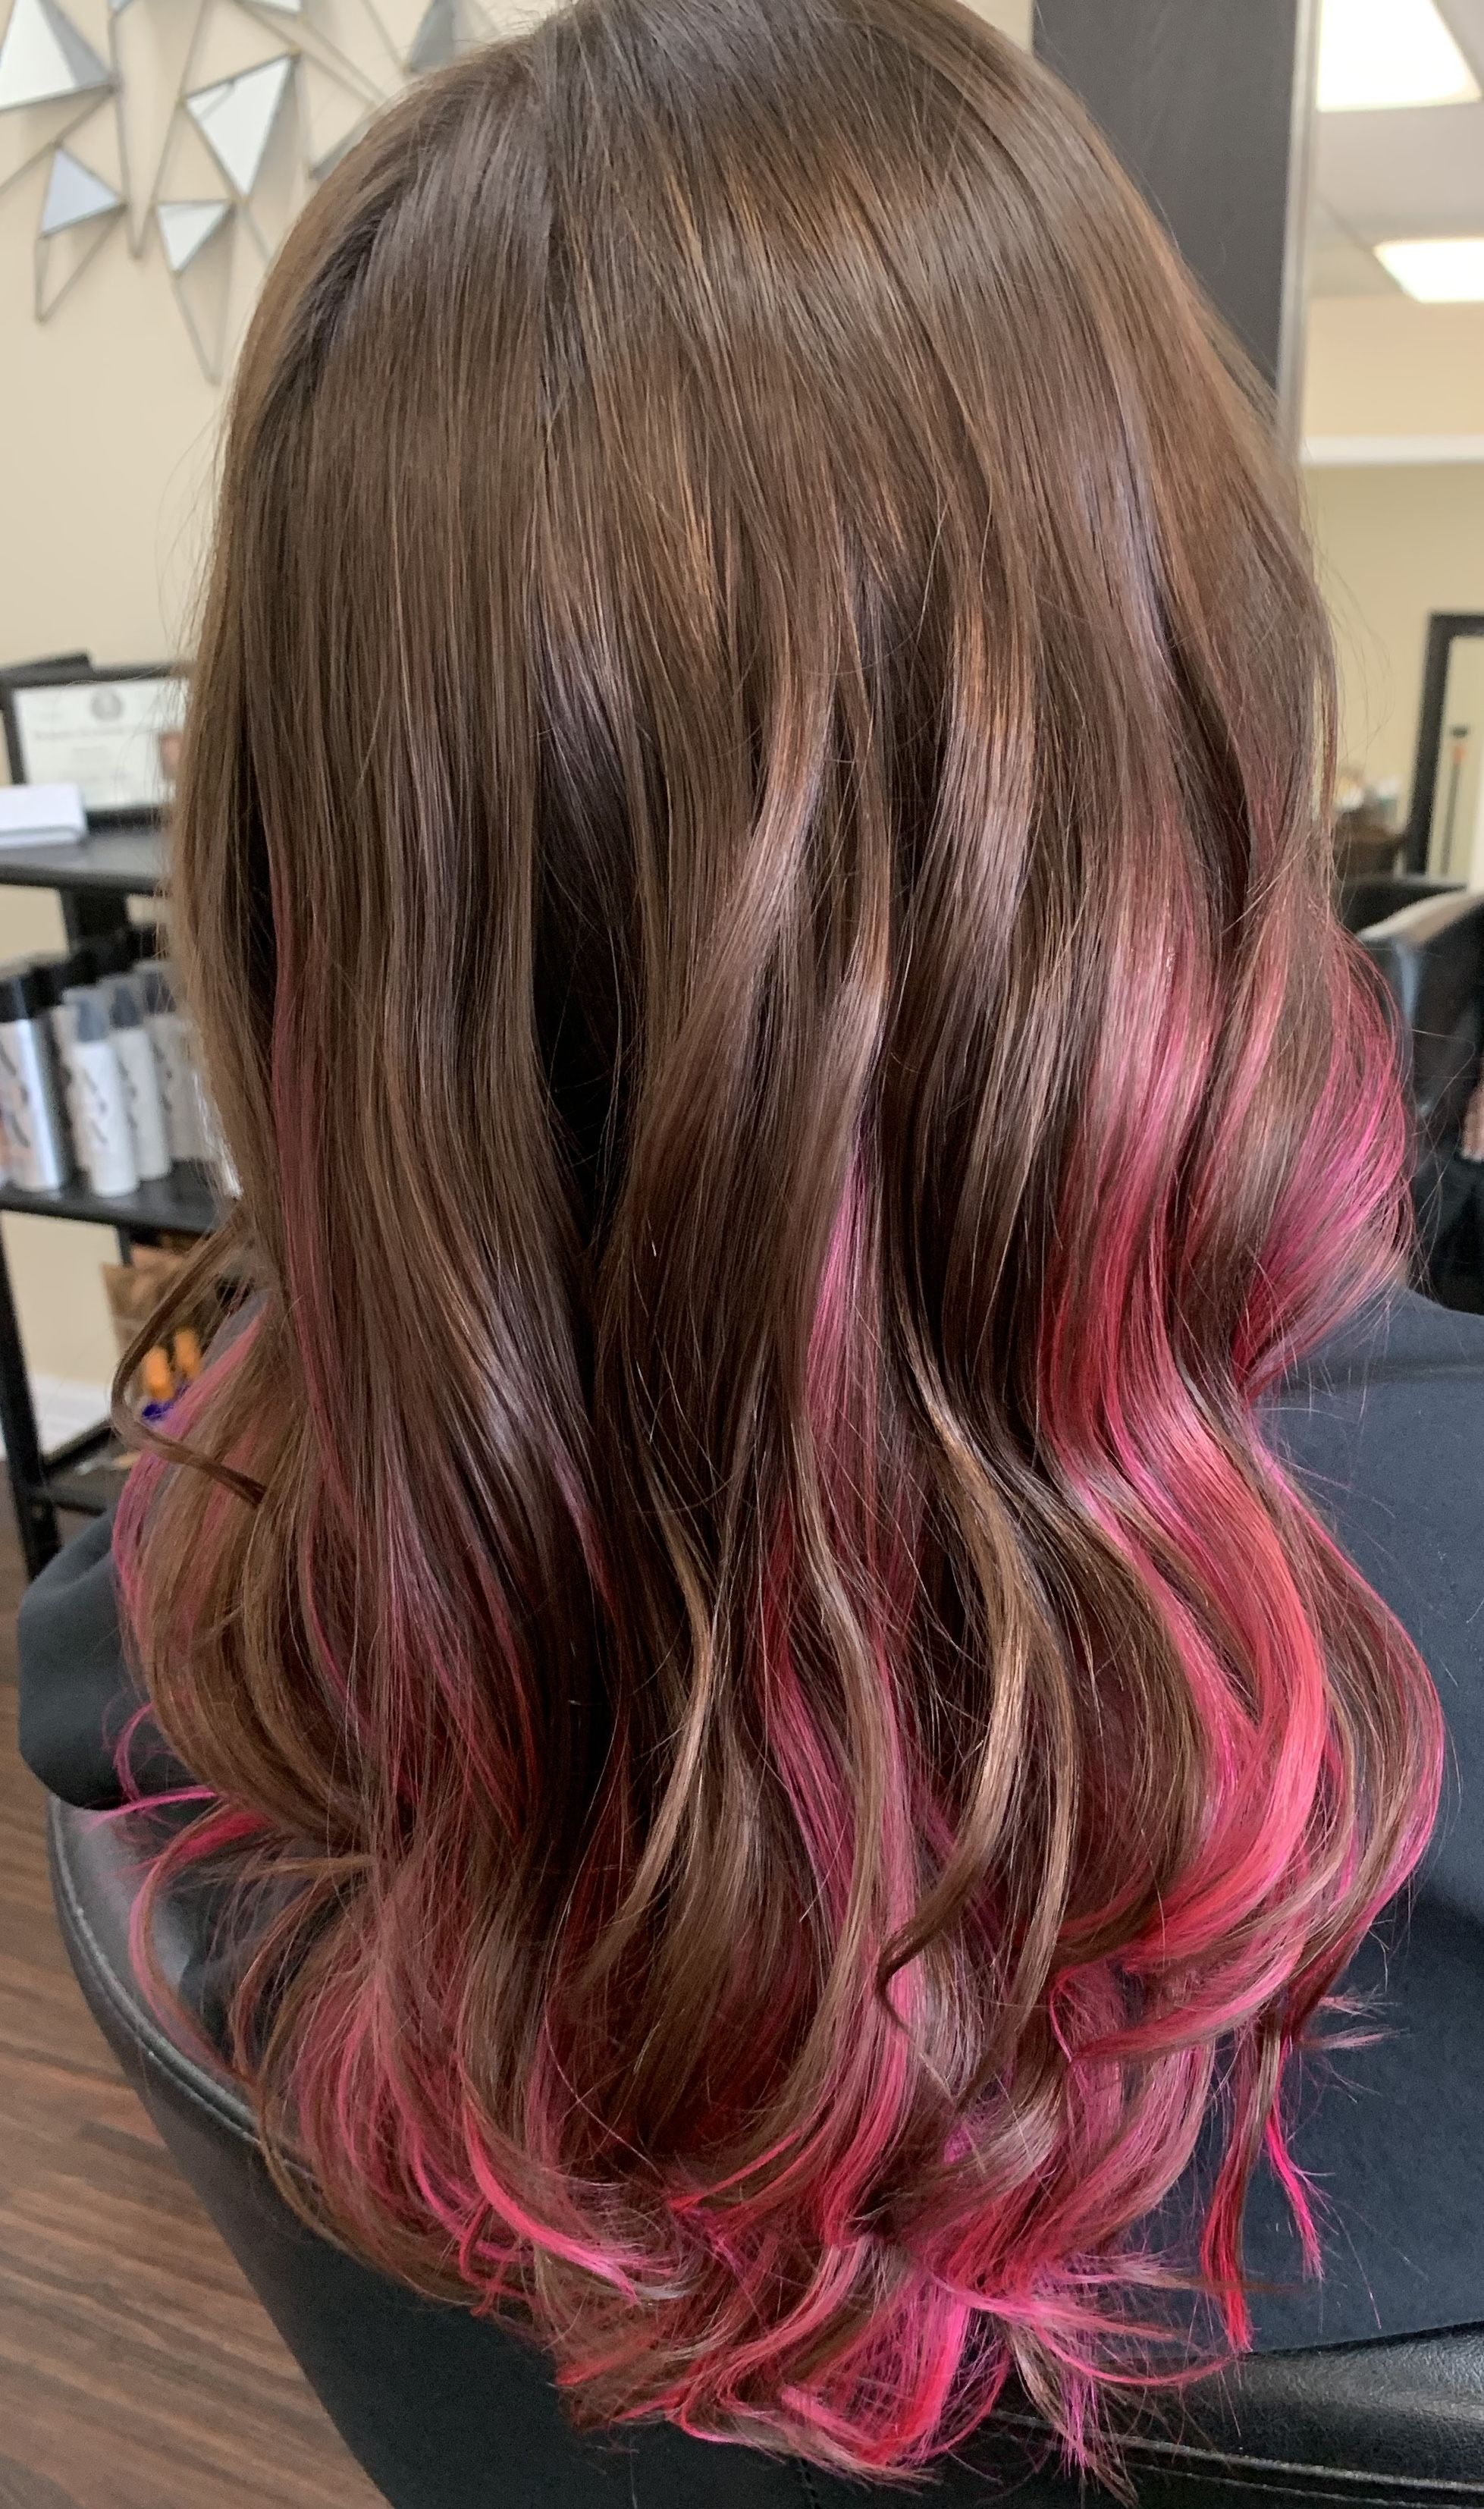 Hot Pink Peek A Boo Highlights Pink Hair Highlights Hair Highlights Pink Hair Streaks